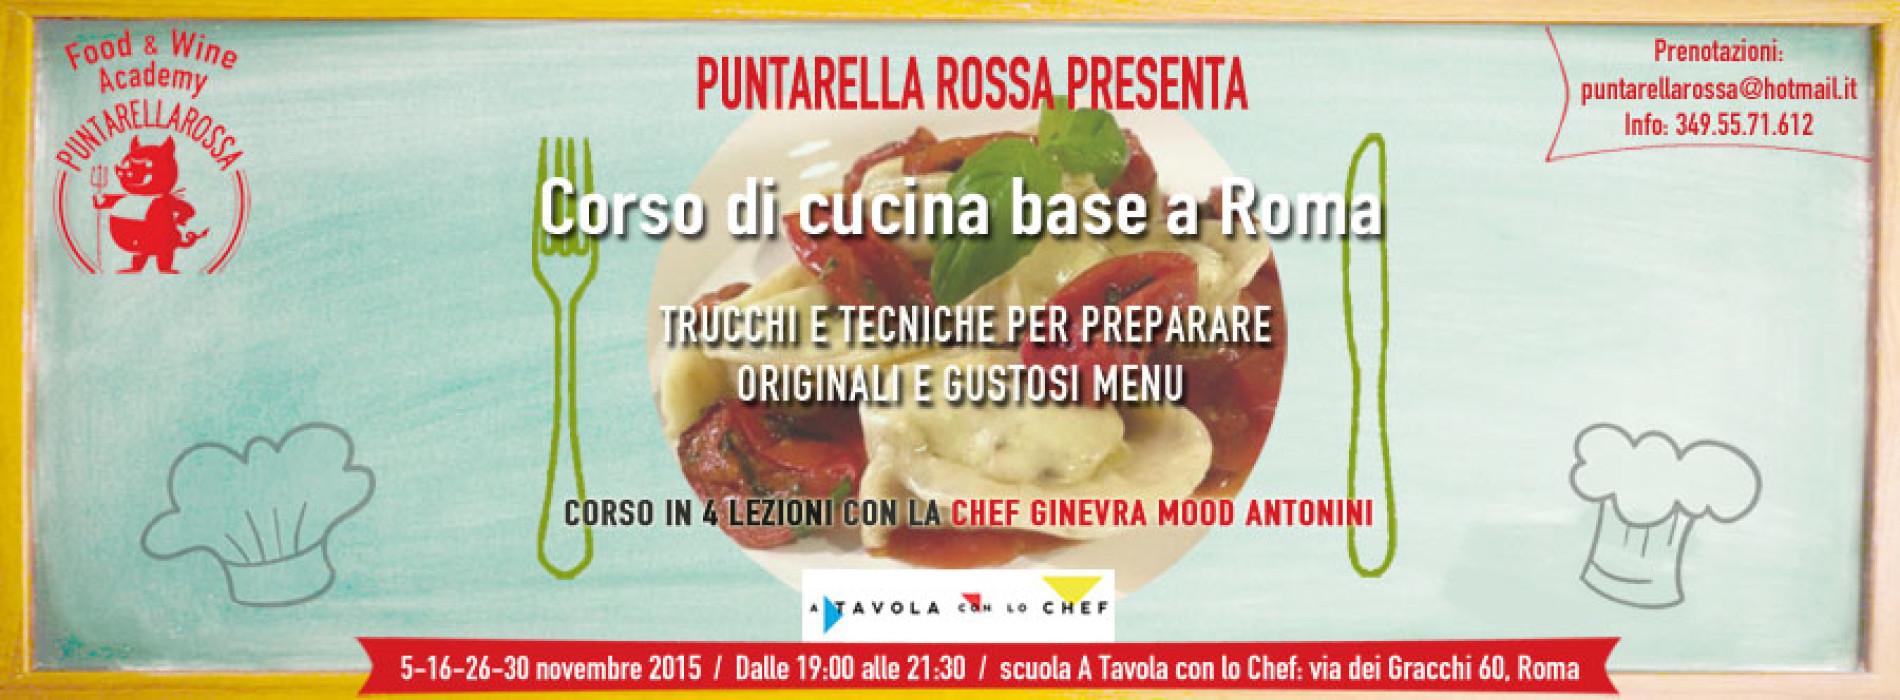 corsi di cucina a roma 2014, le migliori scuole della capitale - Corso Cucina Eataly